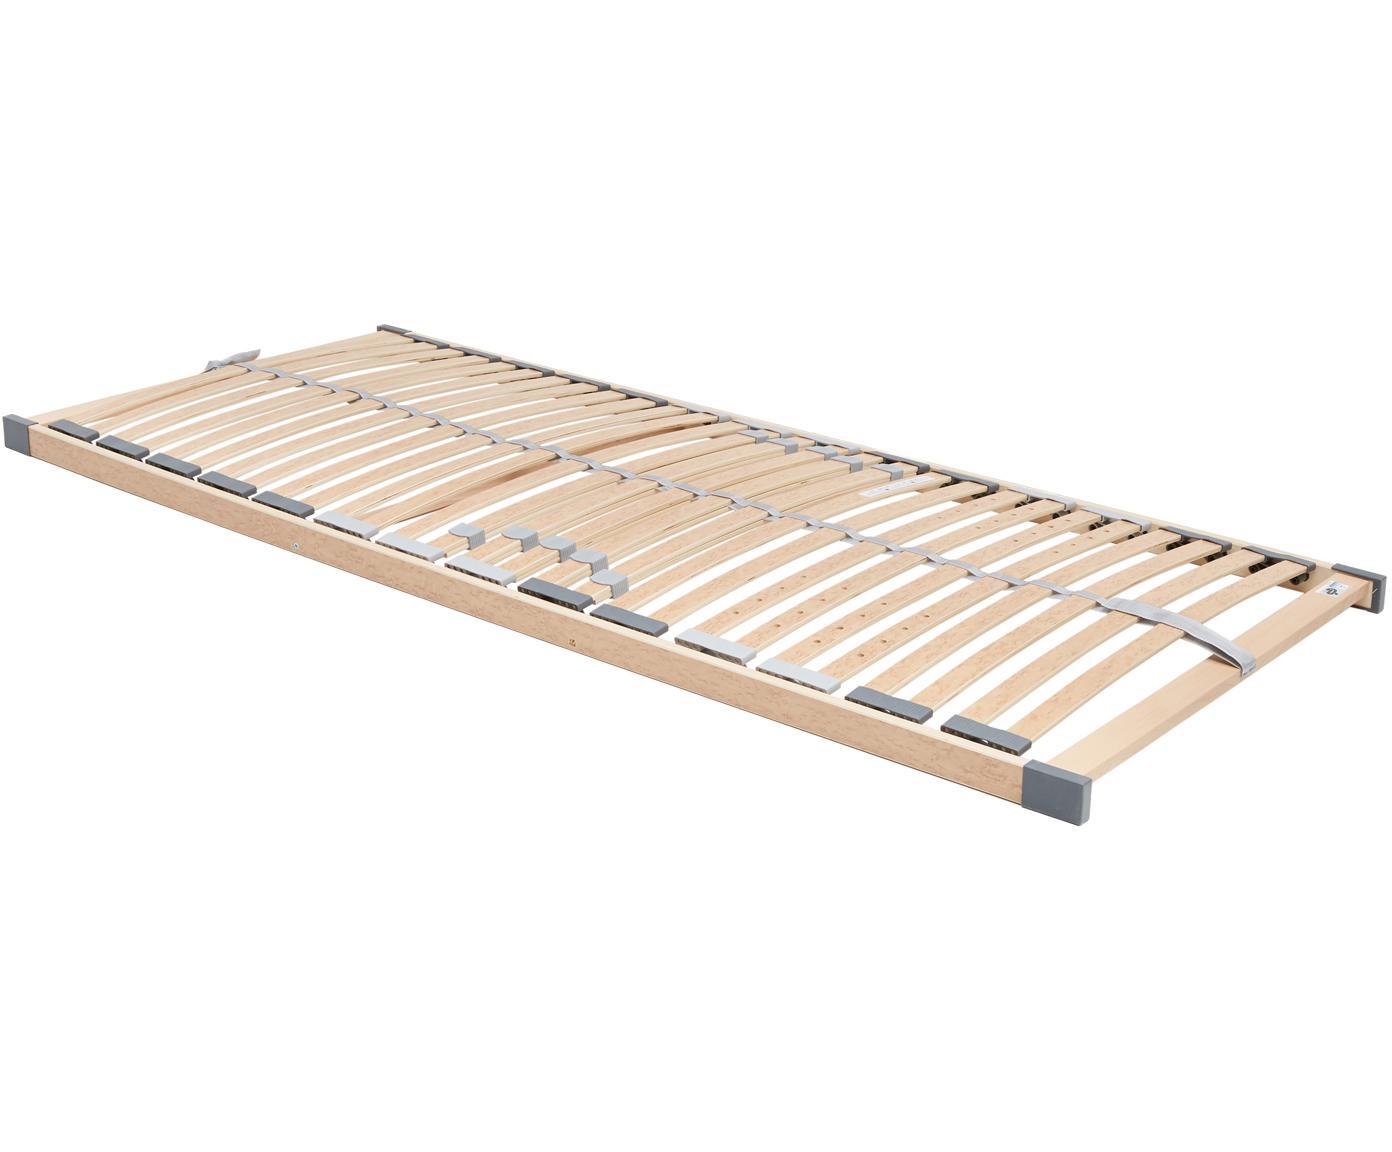 Stelaż pod materac Comfort Plus, Jasny brązowy, 80 x 200 cm